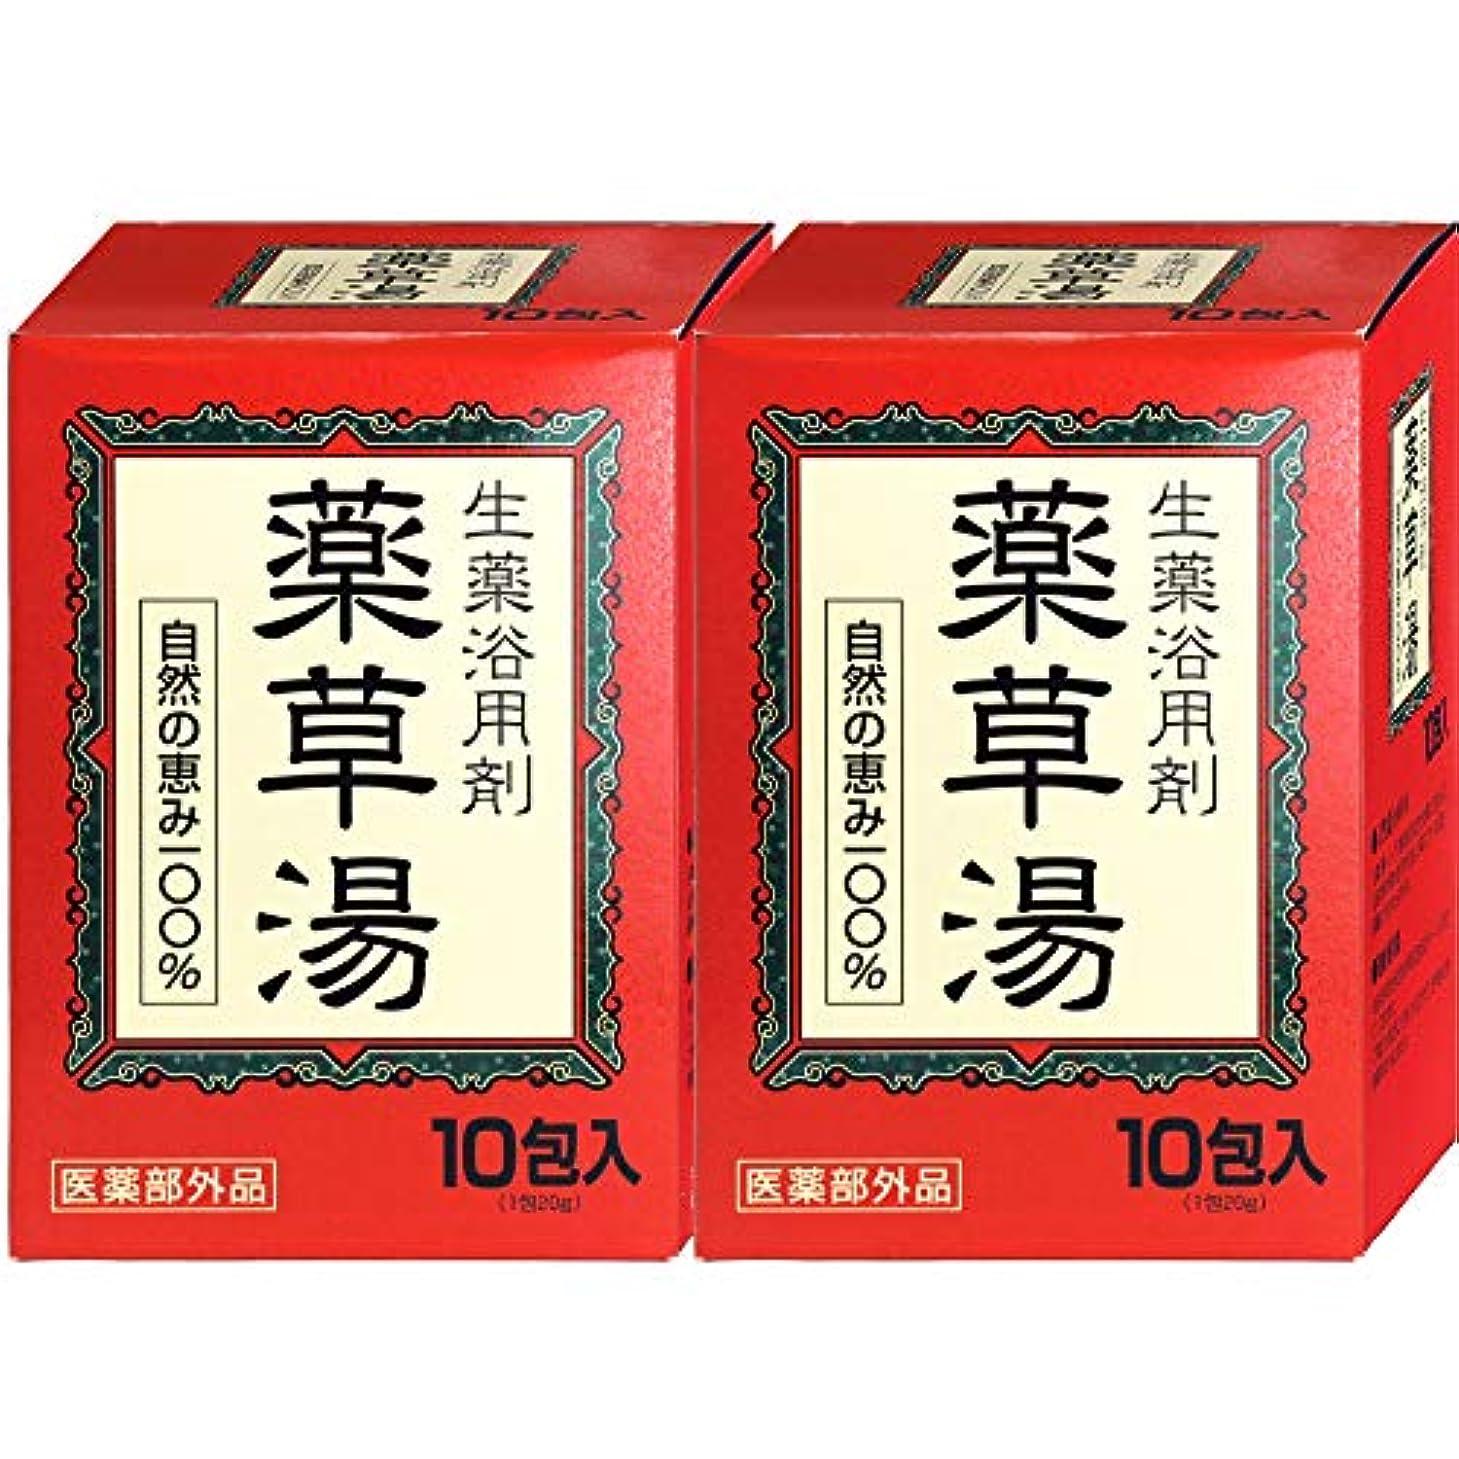 ほぼいわゆる洪水薬草湯 生薬浴用剤 10包入 【2個セット】自然の恵み100% 医薬部外品